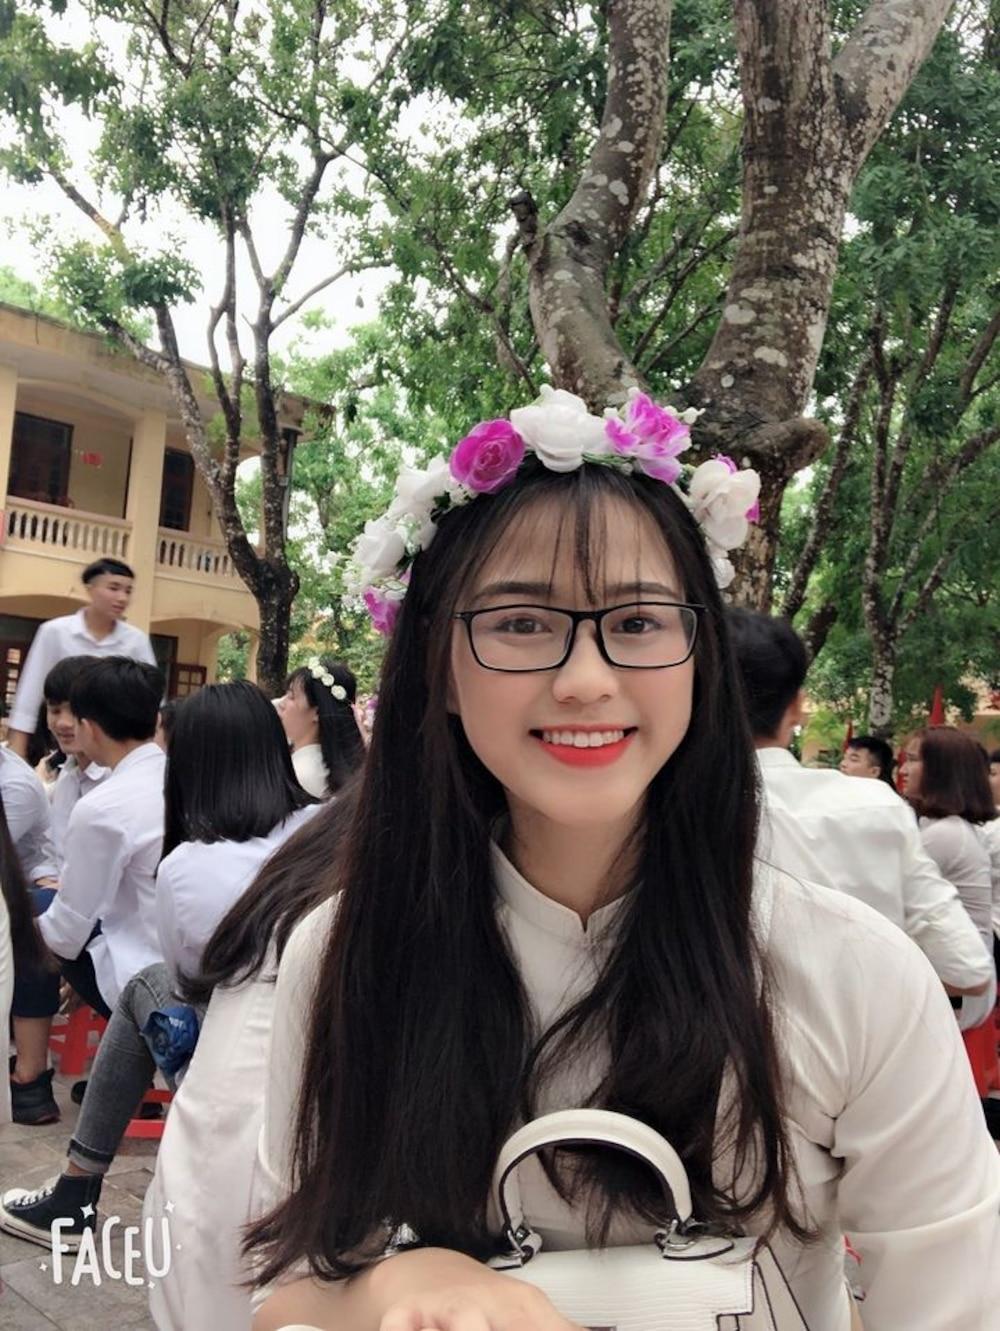 Hình ảnh Đỗ Thị Hà trong đồng phục học sinh, có thể thấy, chân dài sinh năm 2001 sở hữu nhan sắc ngọt ngào, nữ tính đặc biệt là nụ cười rạng rỡ và đôi mắt có hồn